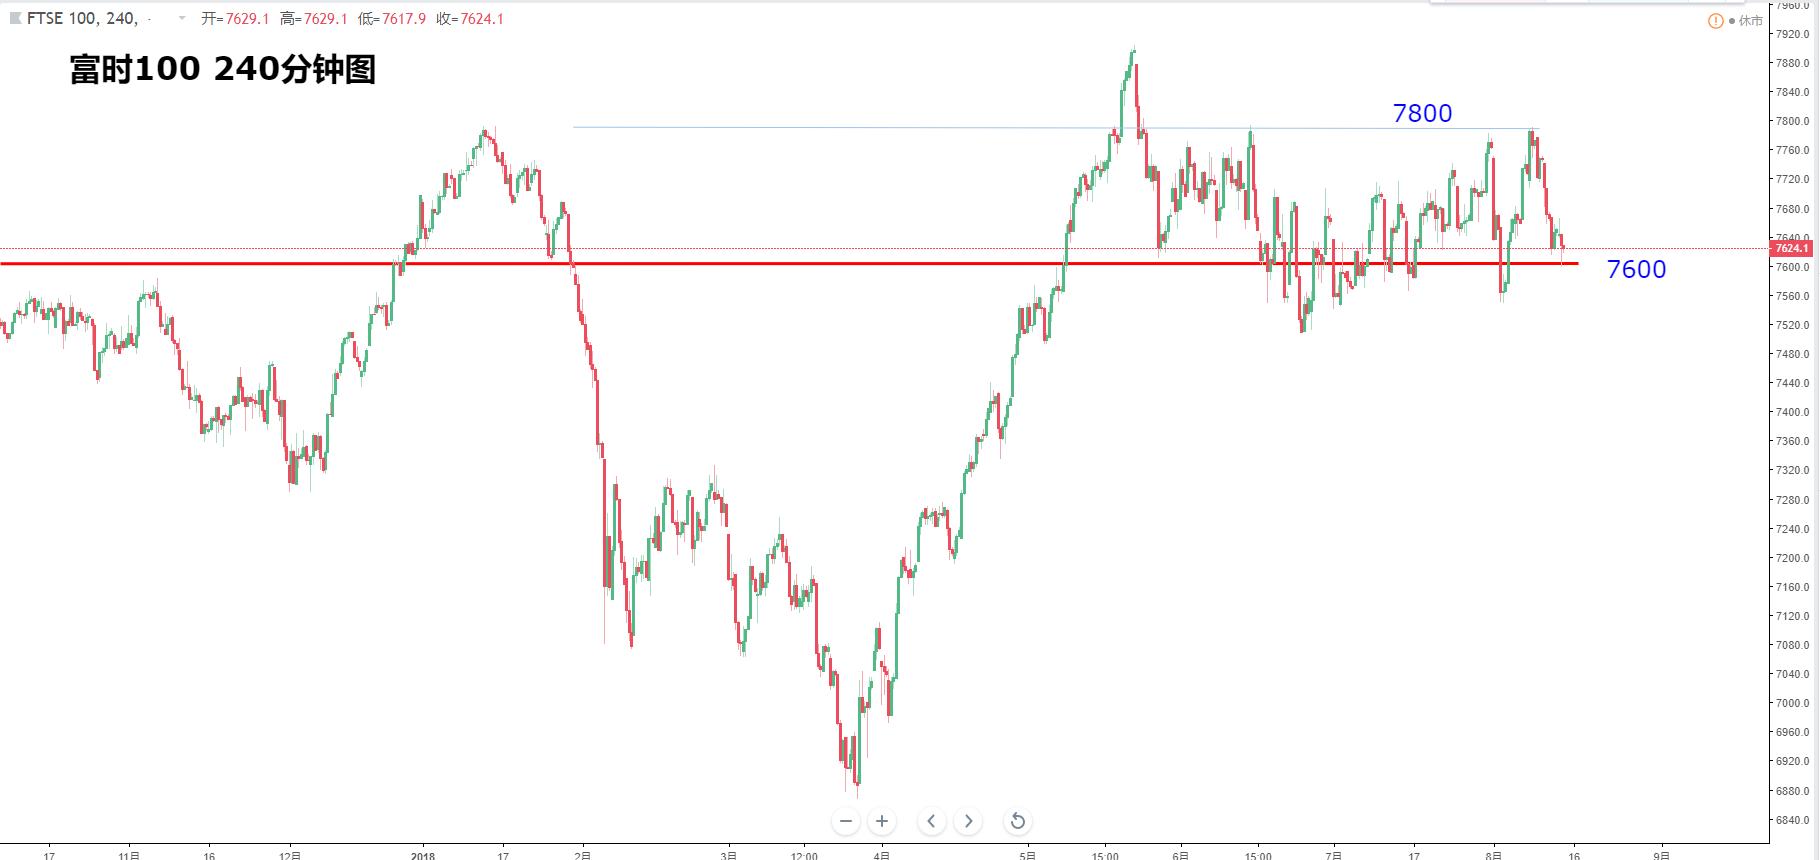 欧洲股指:德指DAX、富时100、法国CAC、斯托克50走势分析(8月15日)